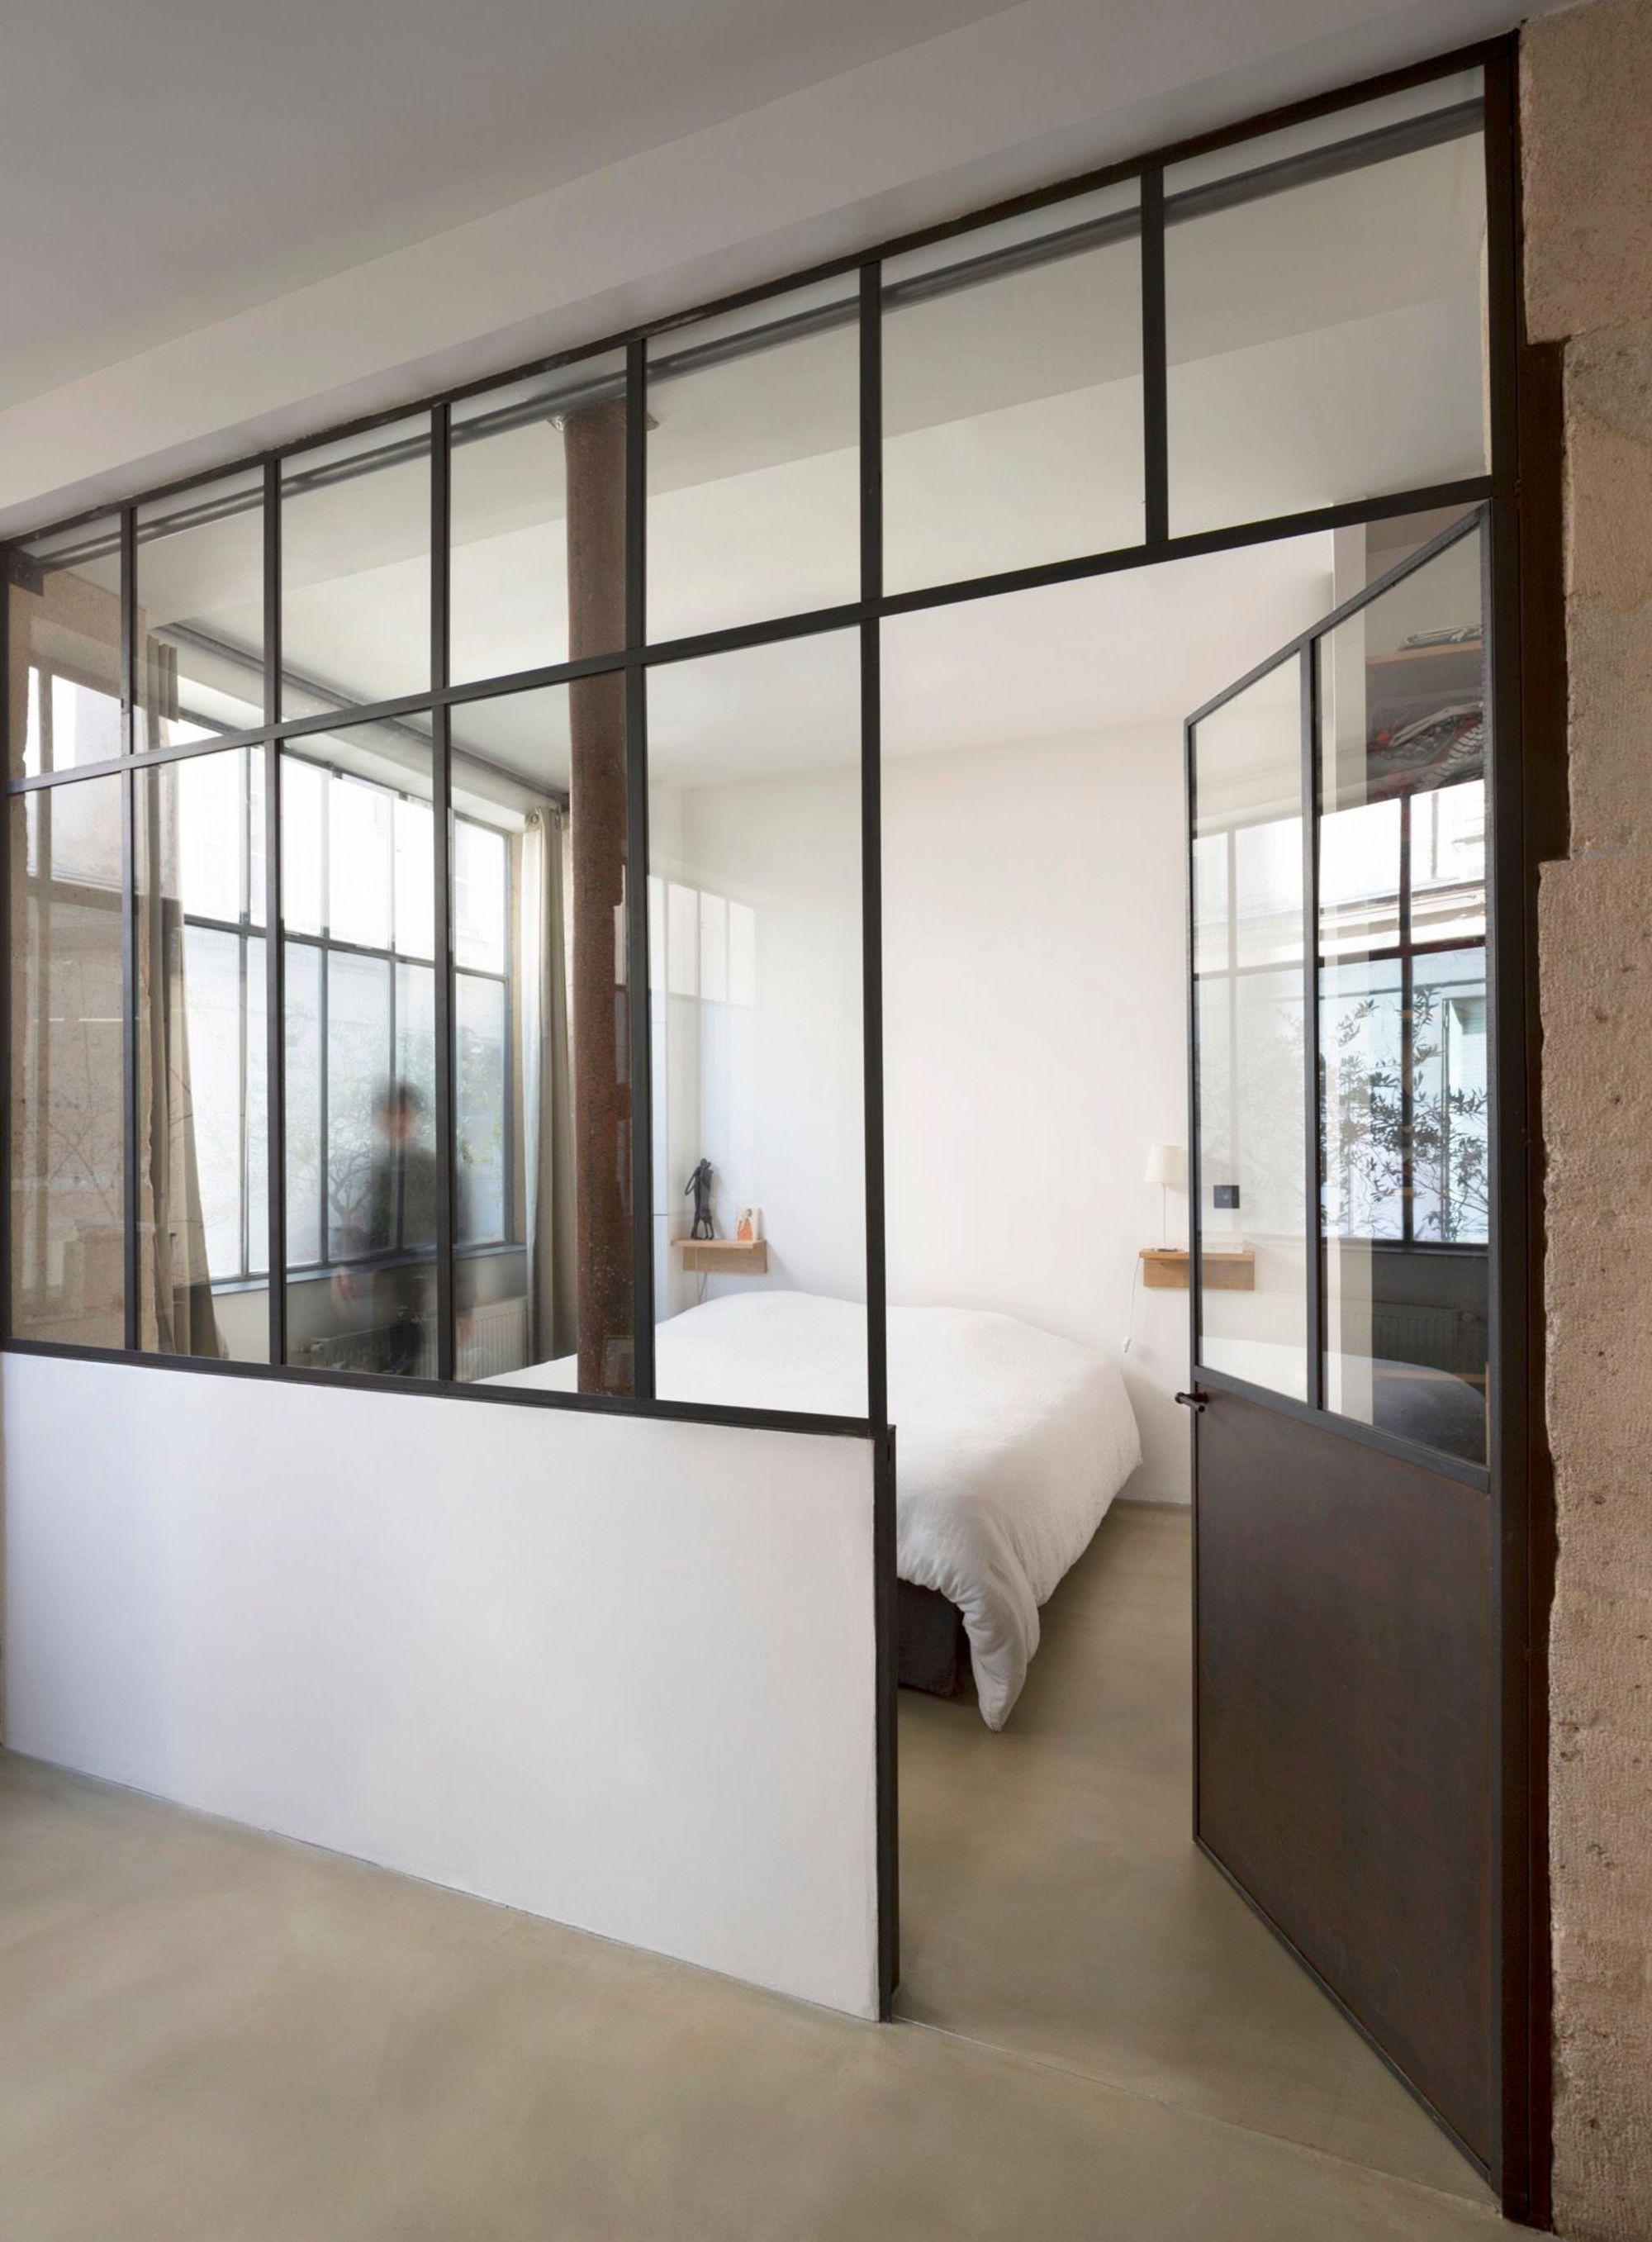 Loft bedroom with ensuite  Appartement Paris  visitez  réalisations duarchitectes in